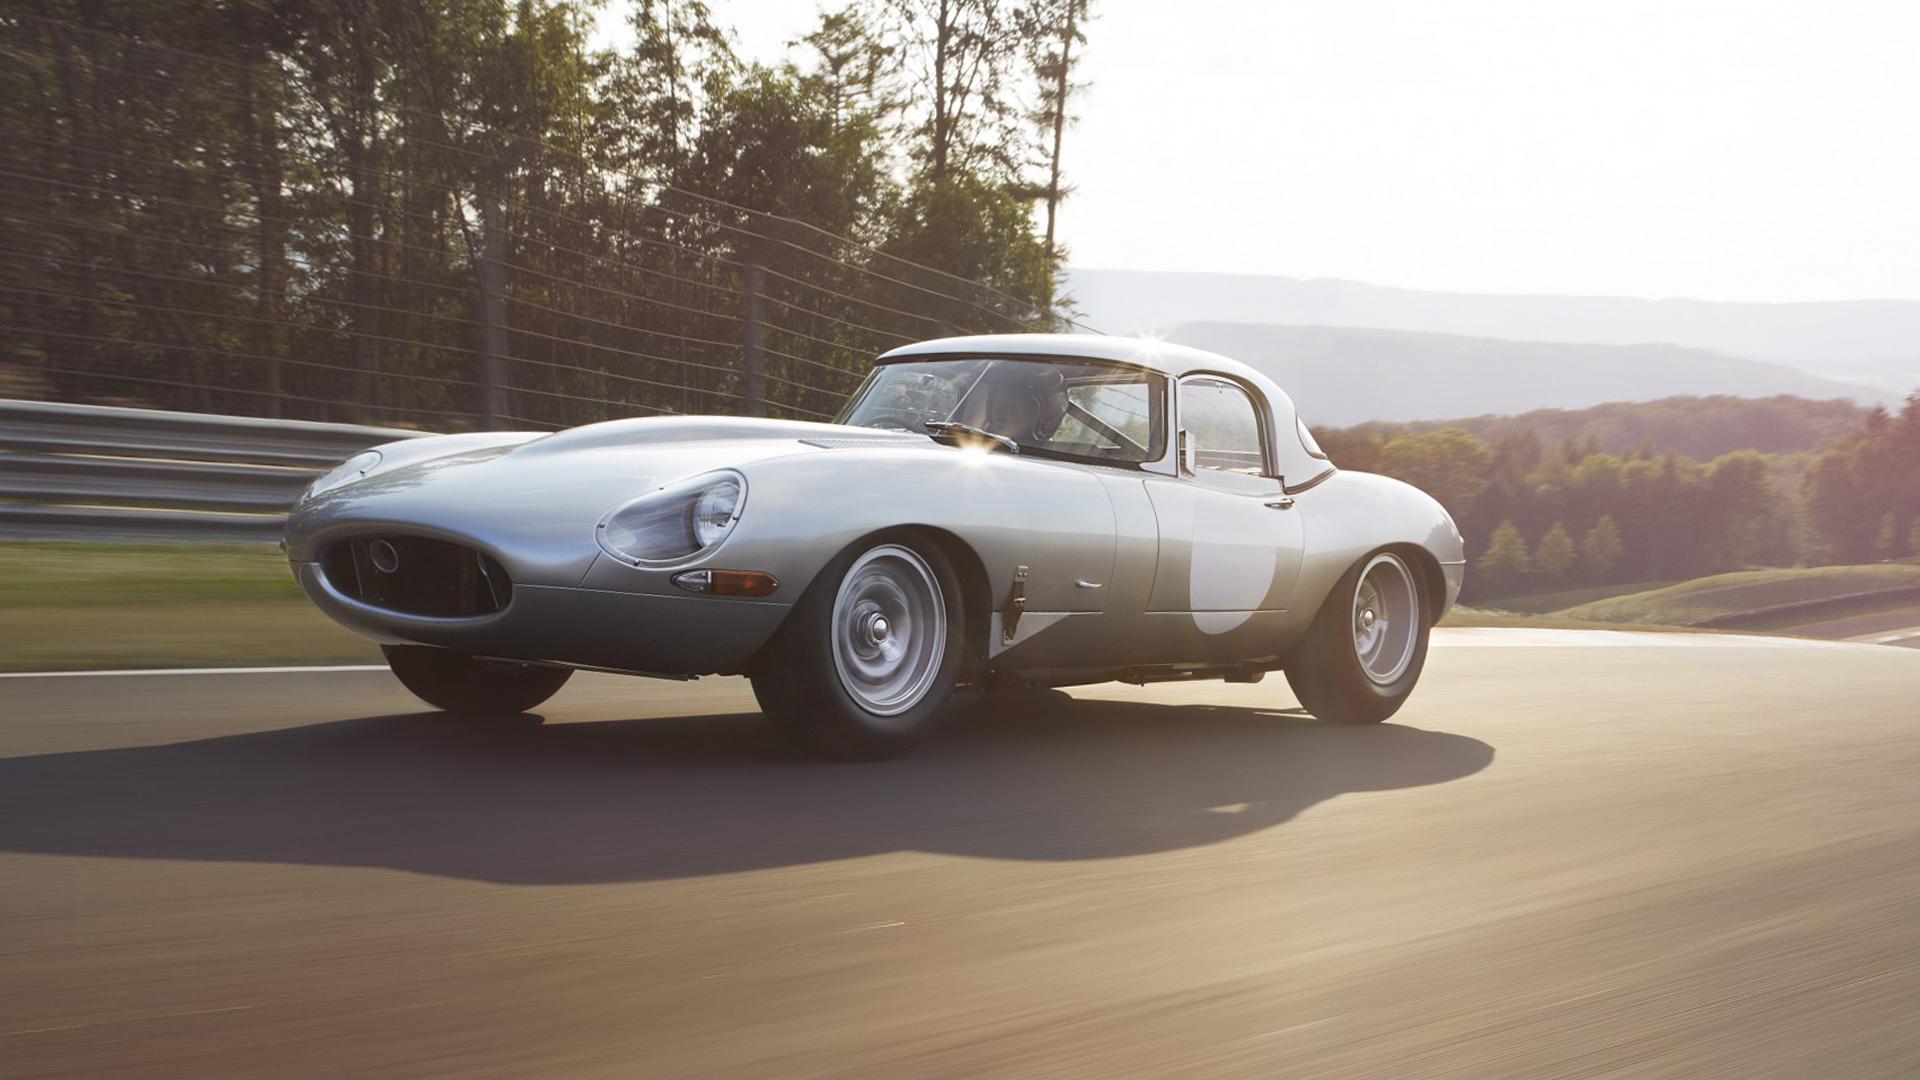 Автомобили с ретро-дизайном, которые выпускаются в наши дни. Фото 5